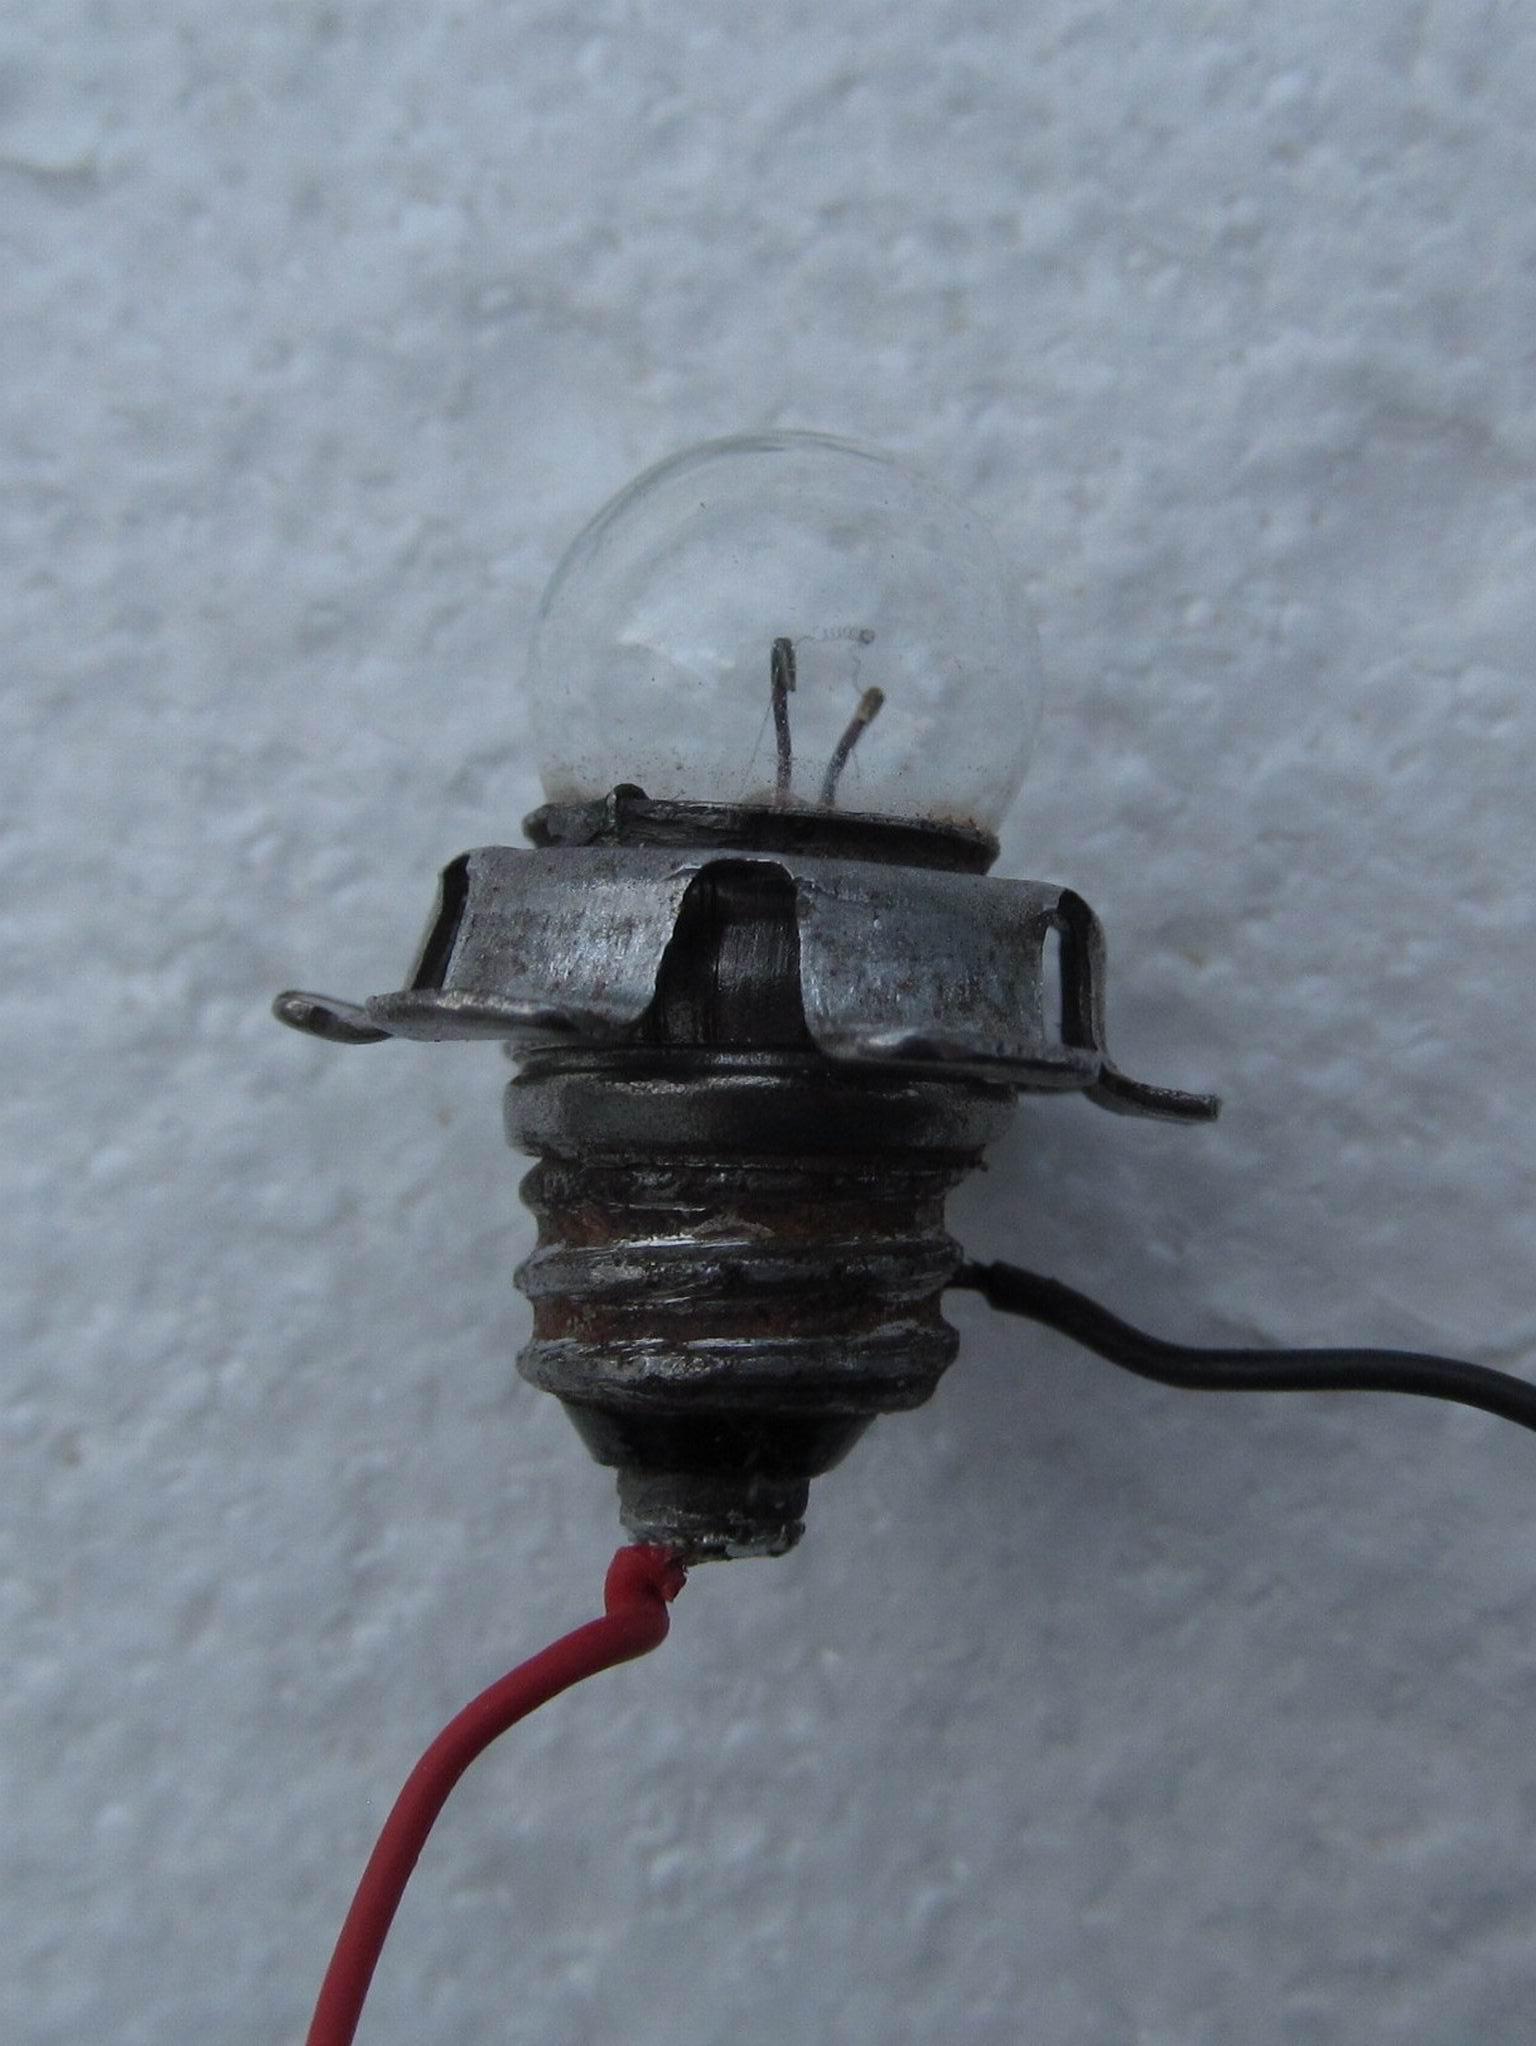 лампочка с припаянными проводами